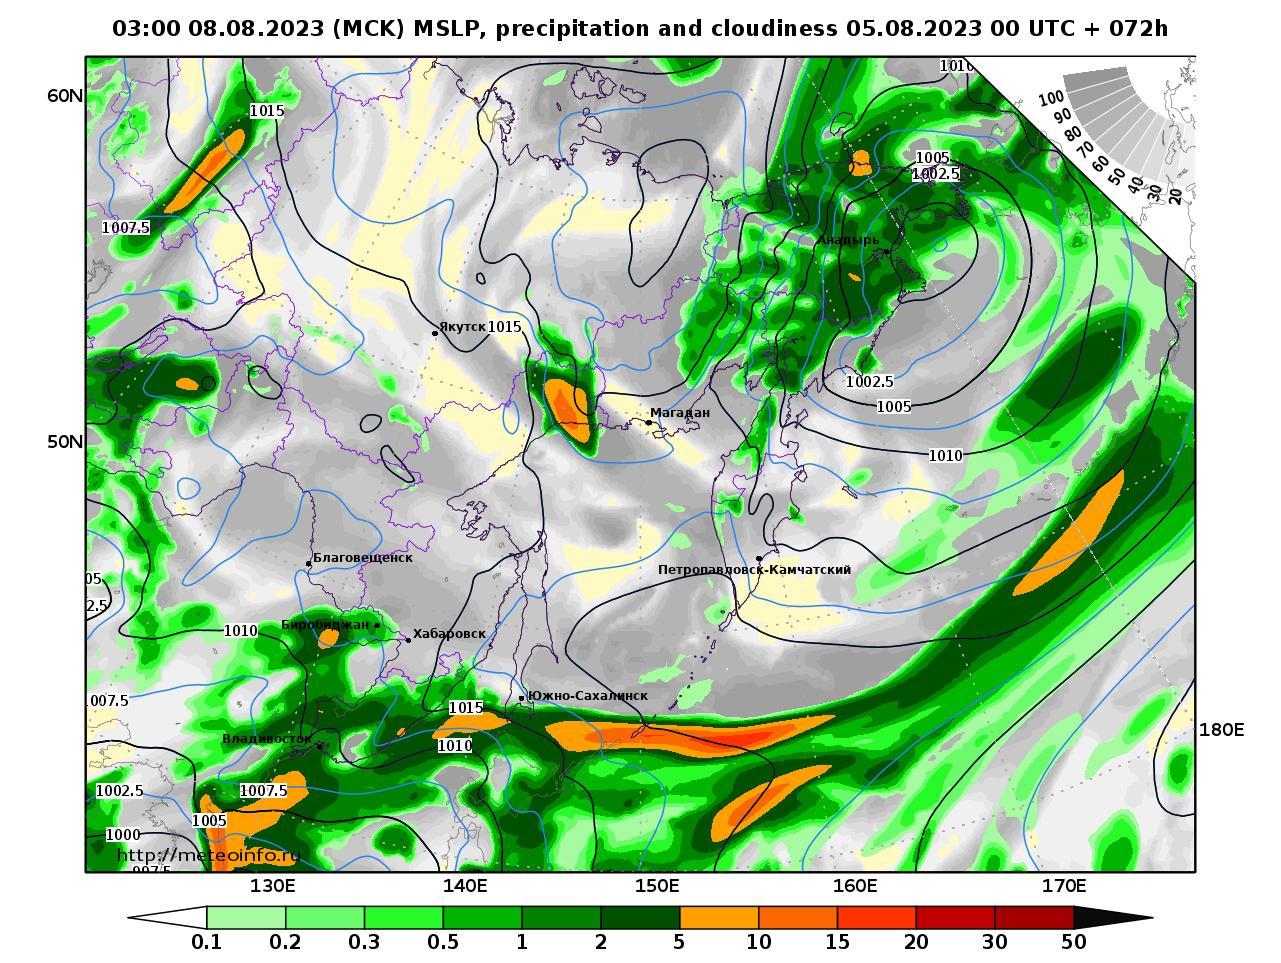 Дальний Восток, прогностическая карта осадки и давление, заблаговременность прогноза 72 часа